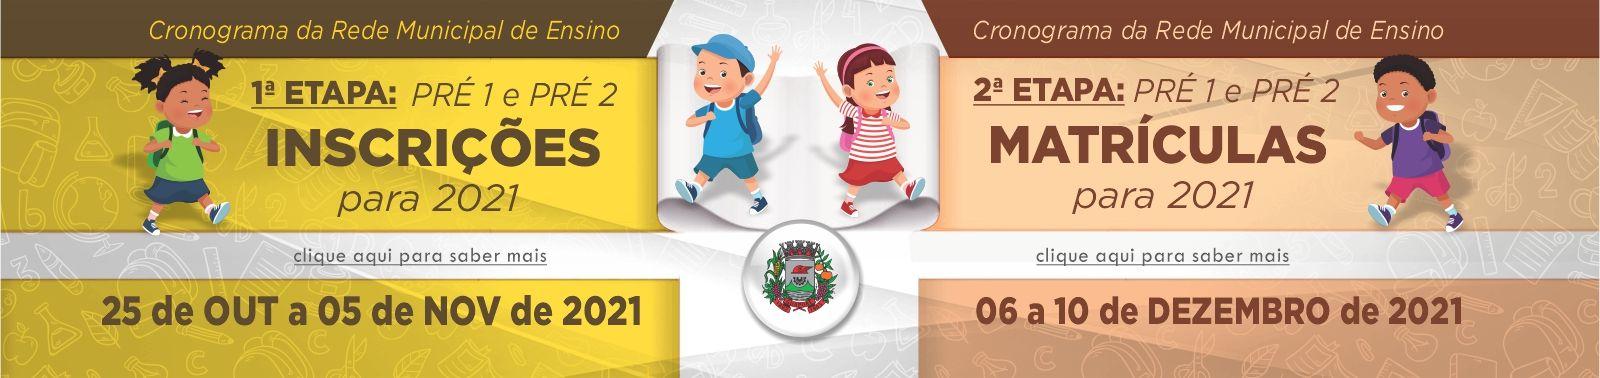 Banner 1 - INSCRIÇÕE PRÉ 1 E PRÉ 2 - 2022